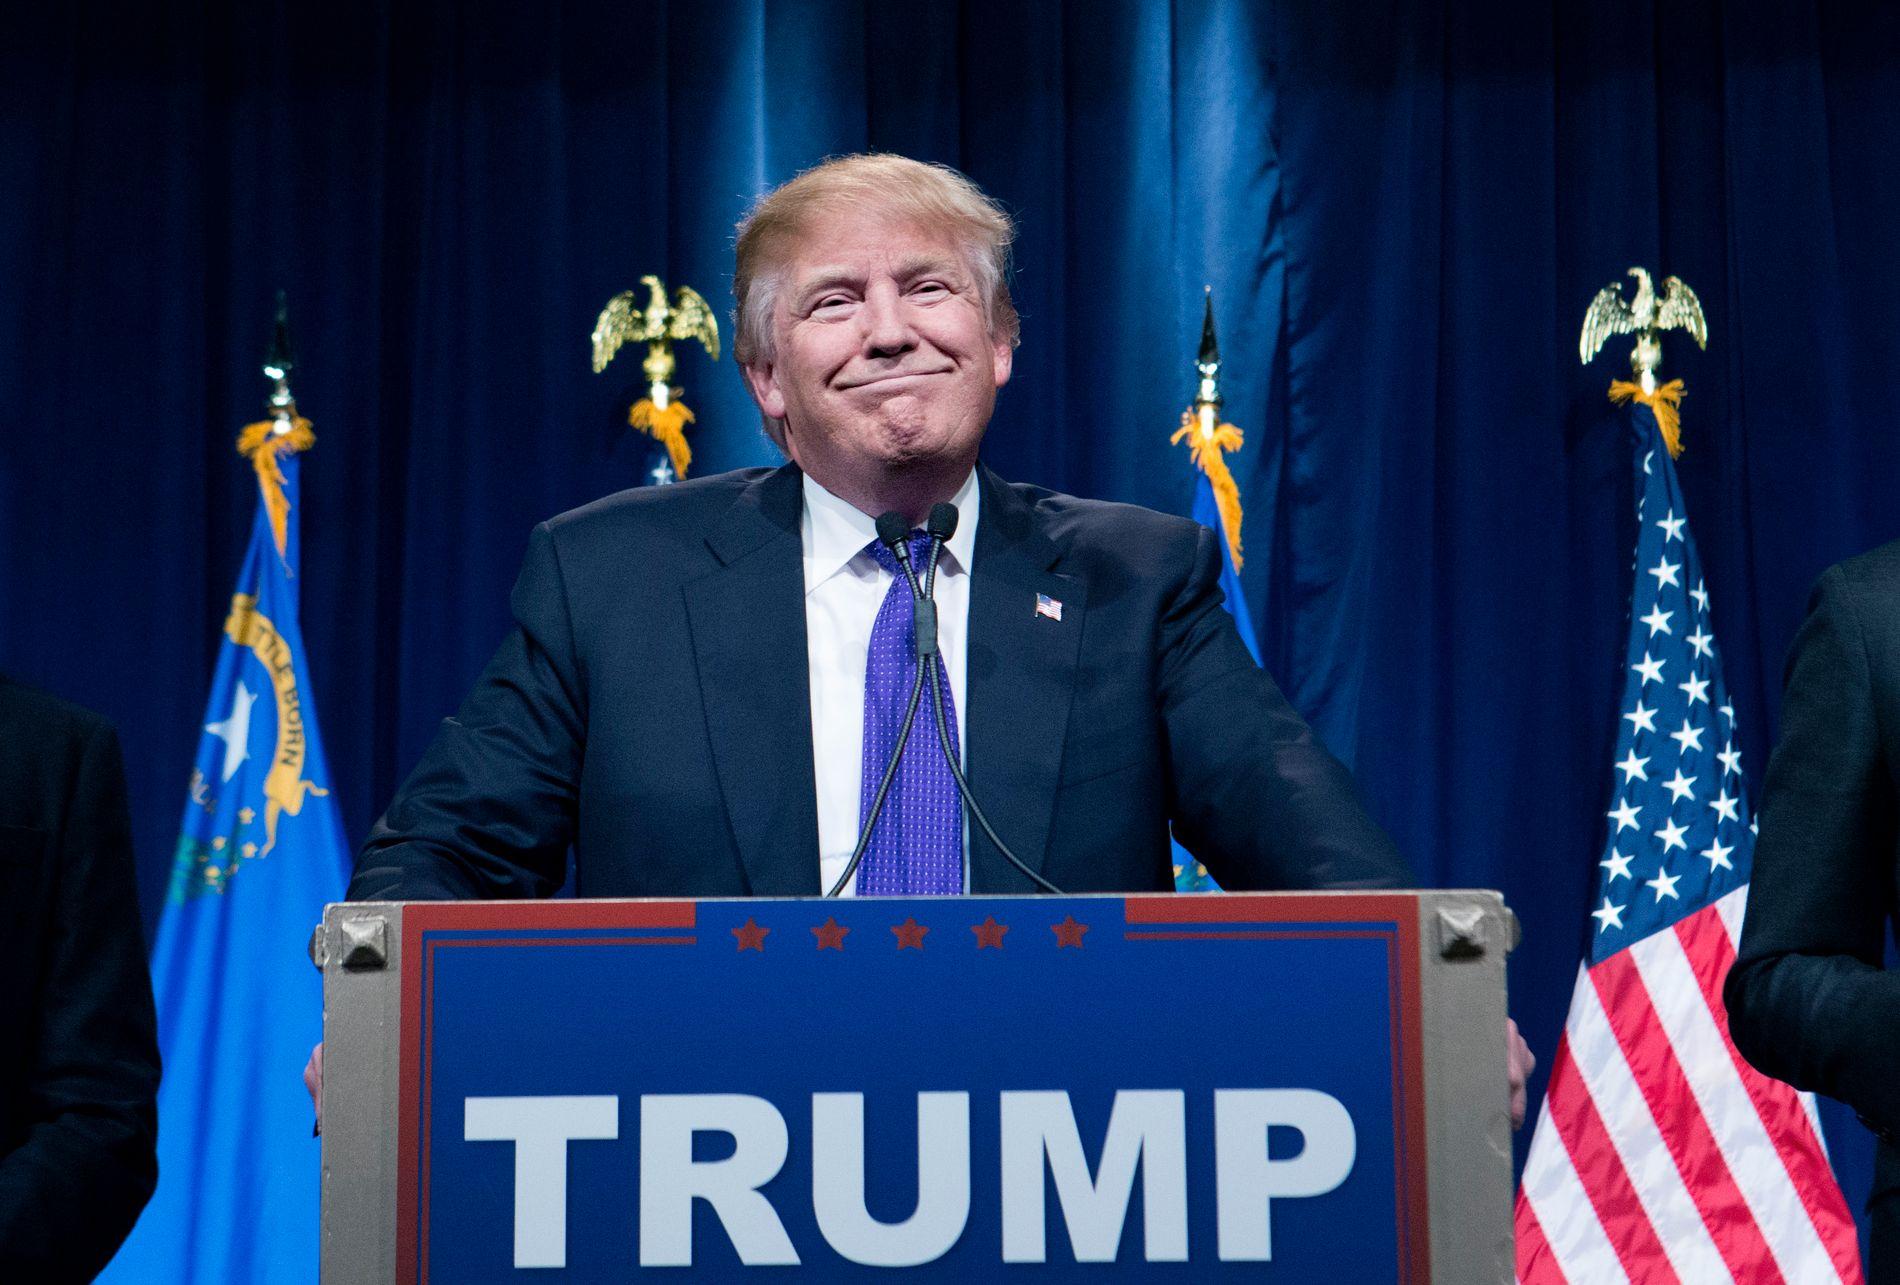 DEN EKTE TRUMP? – Det ville være en unnlatelsessynd av de store om man langt på vei ignorerte Twitter-Trump. Det er der man ser hva han er laget av, skriver kronikkforfatteren.